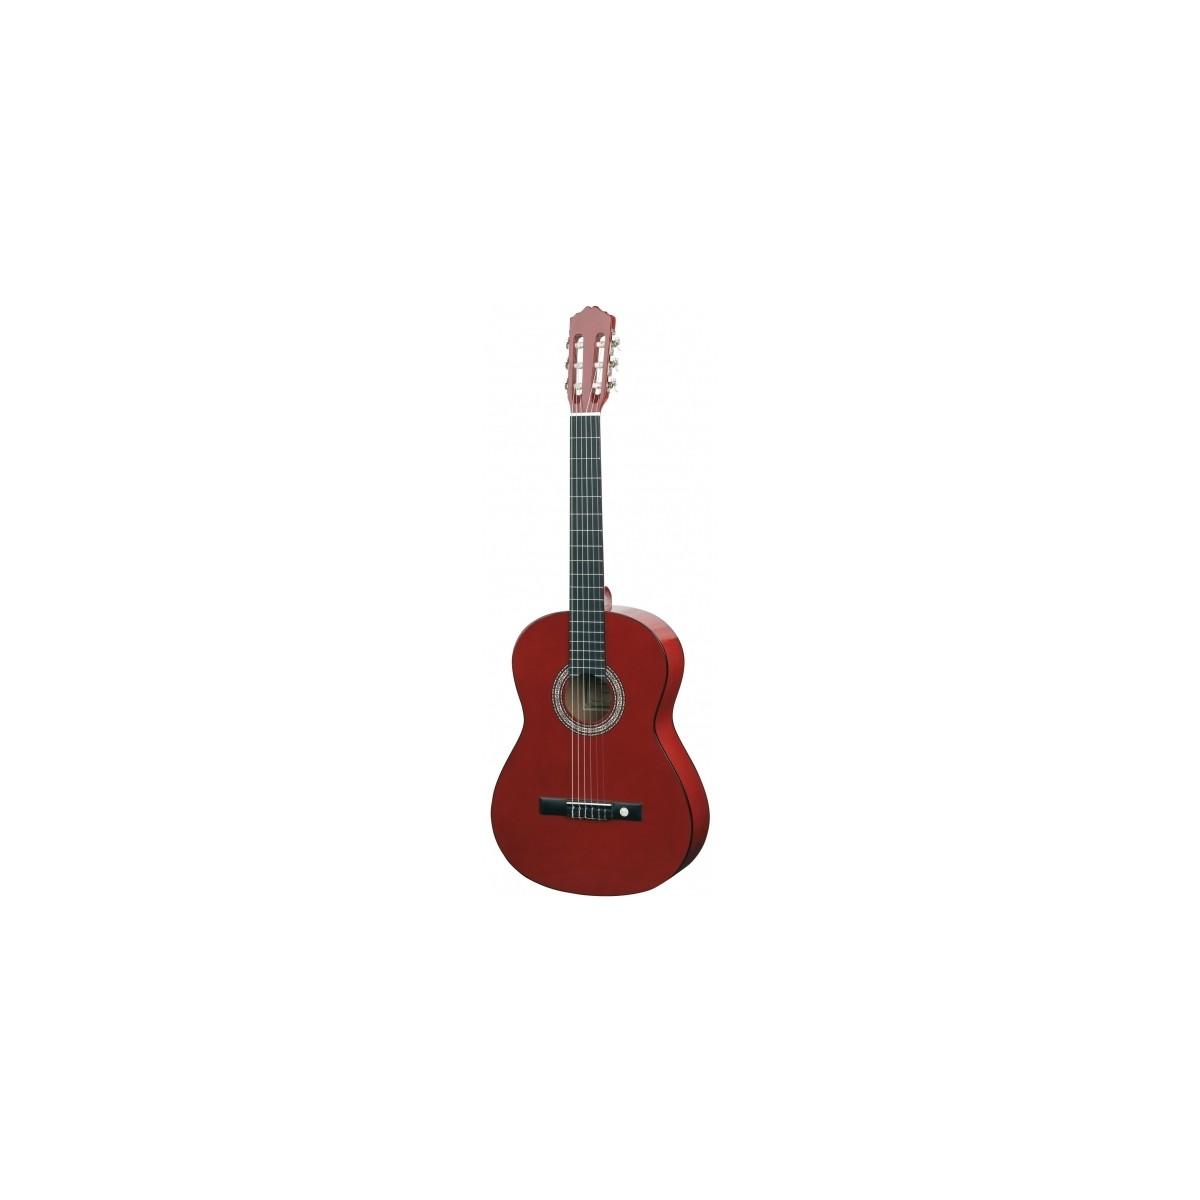 Guitare classique 3/4 rouge Almeria Classic Neuf